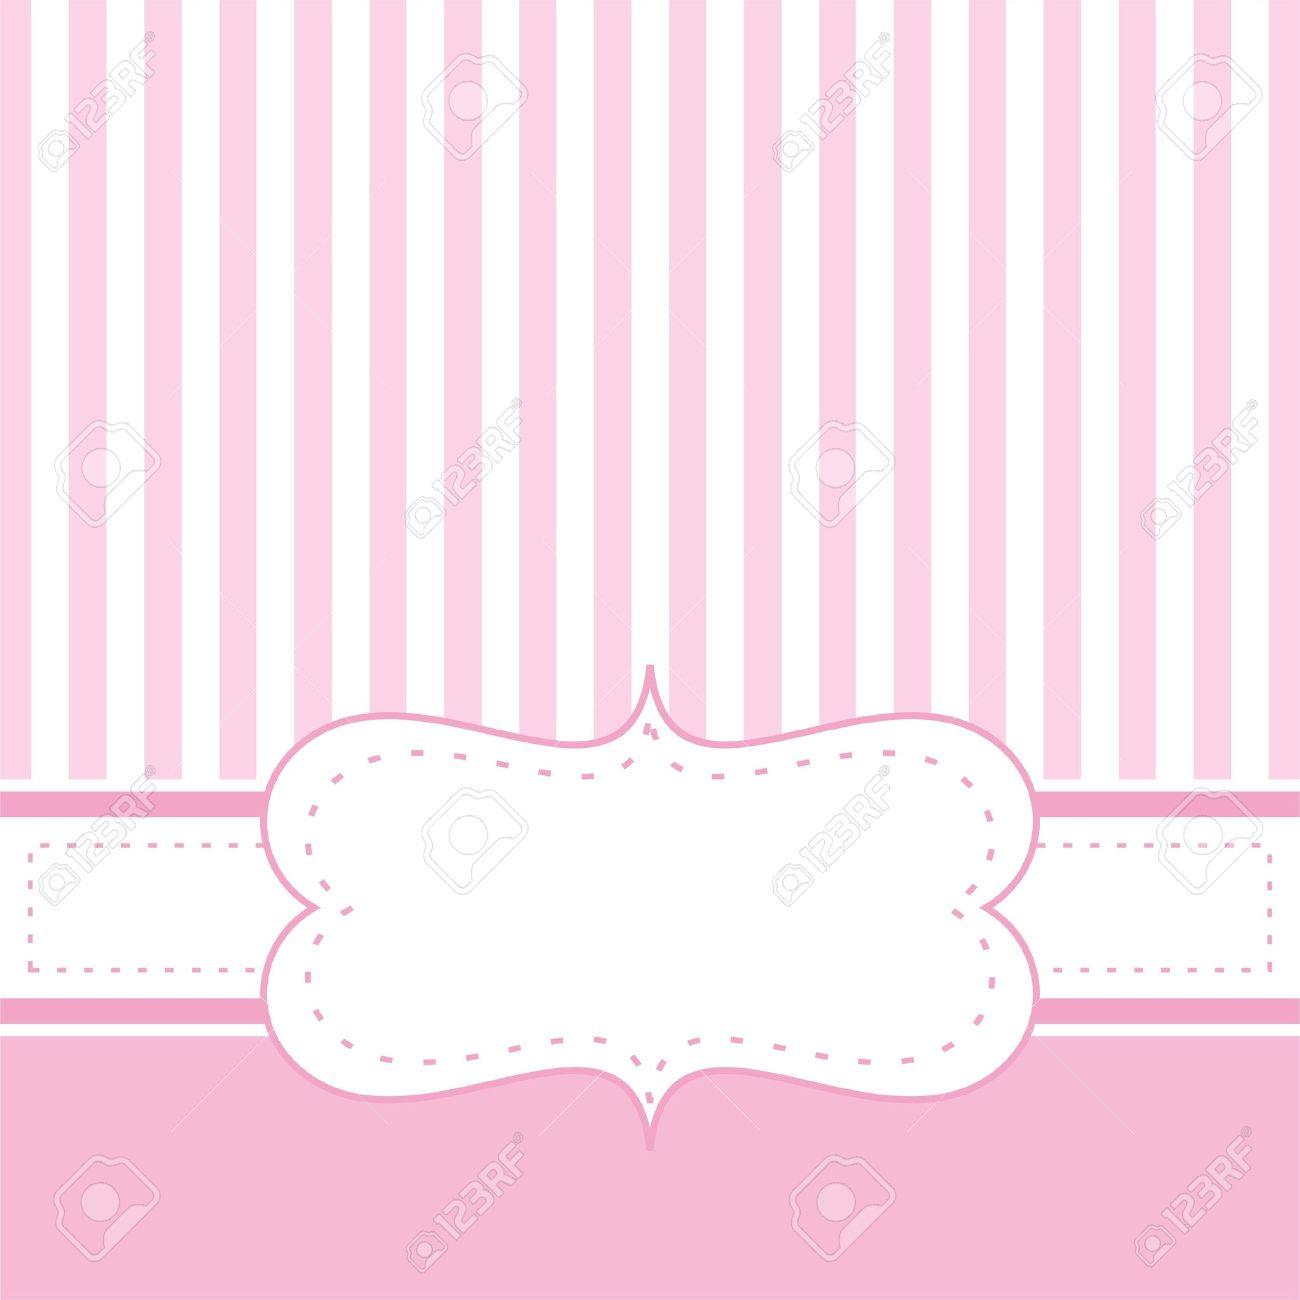 Karte Einladung Vorlage Für Baby Shower, Hochzeit Oder ...